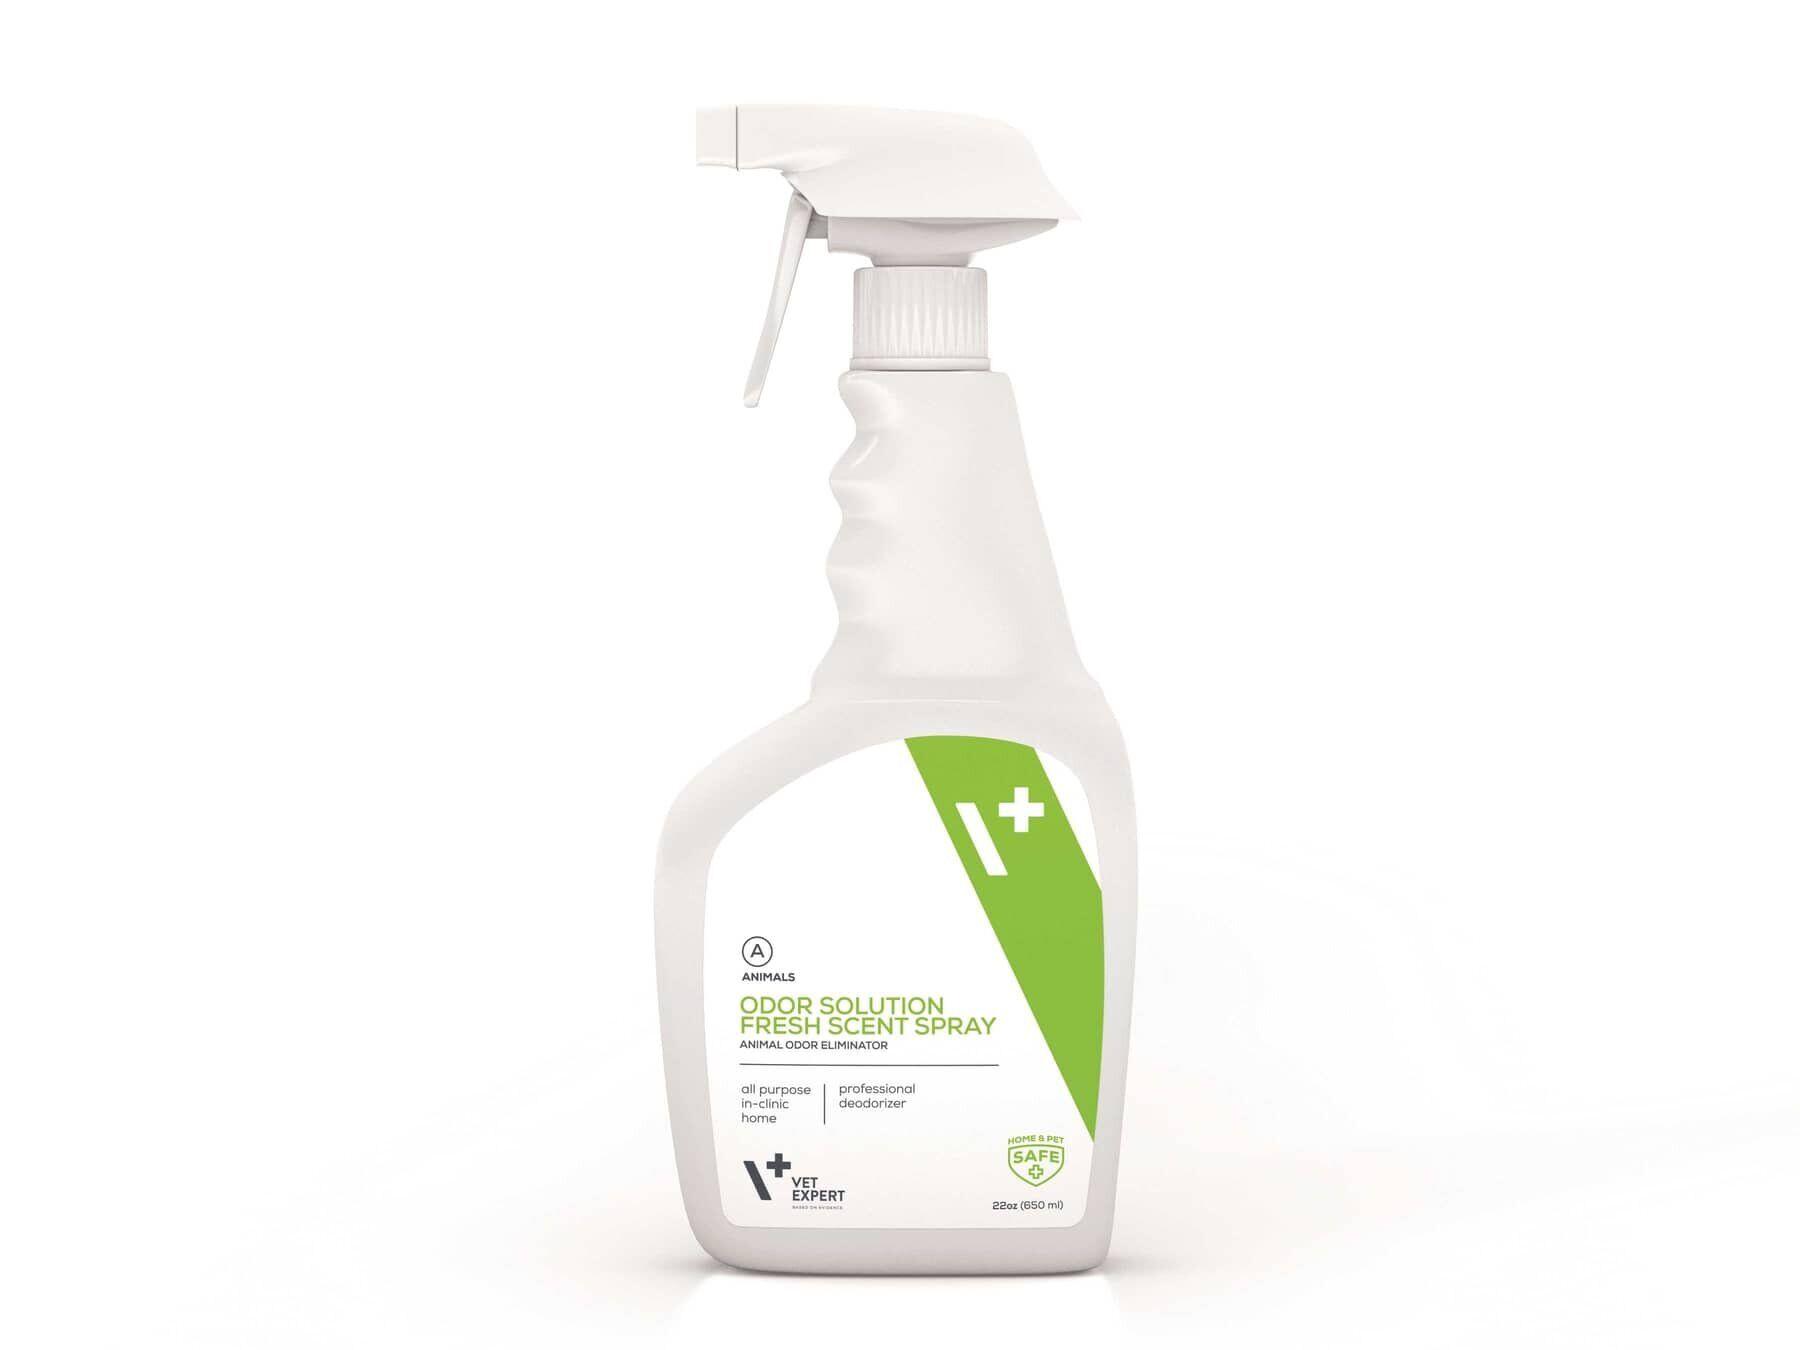 VetExpert Odor Solution Fresh Scent Spray – професійний знищувач запахів від тварин